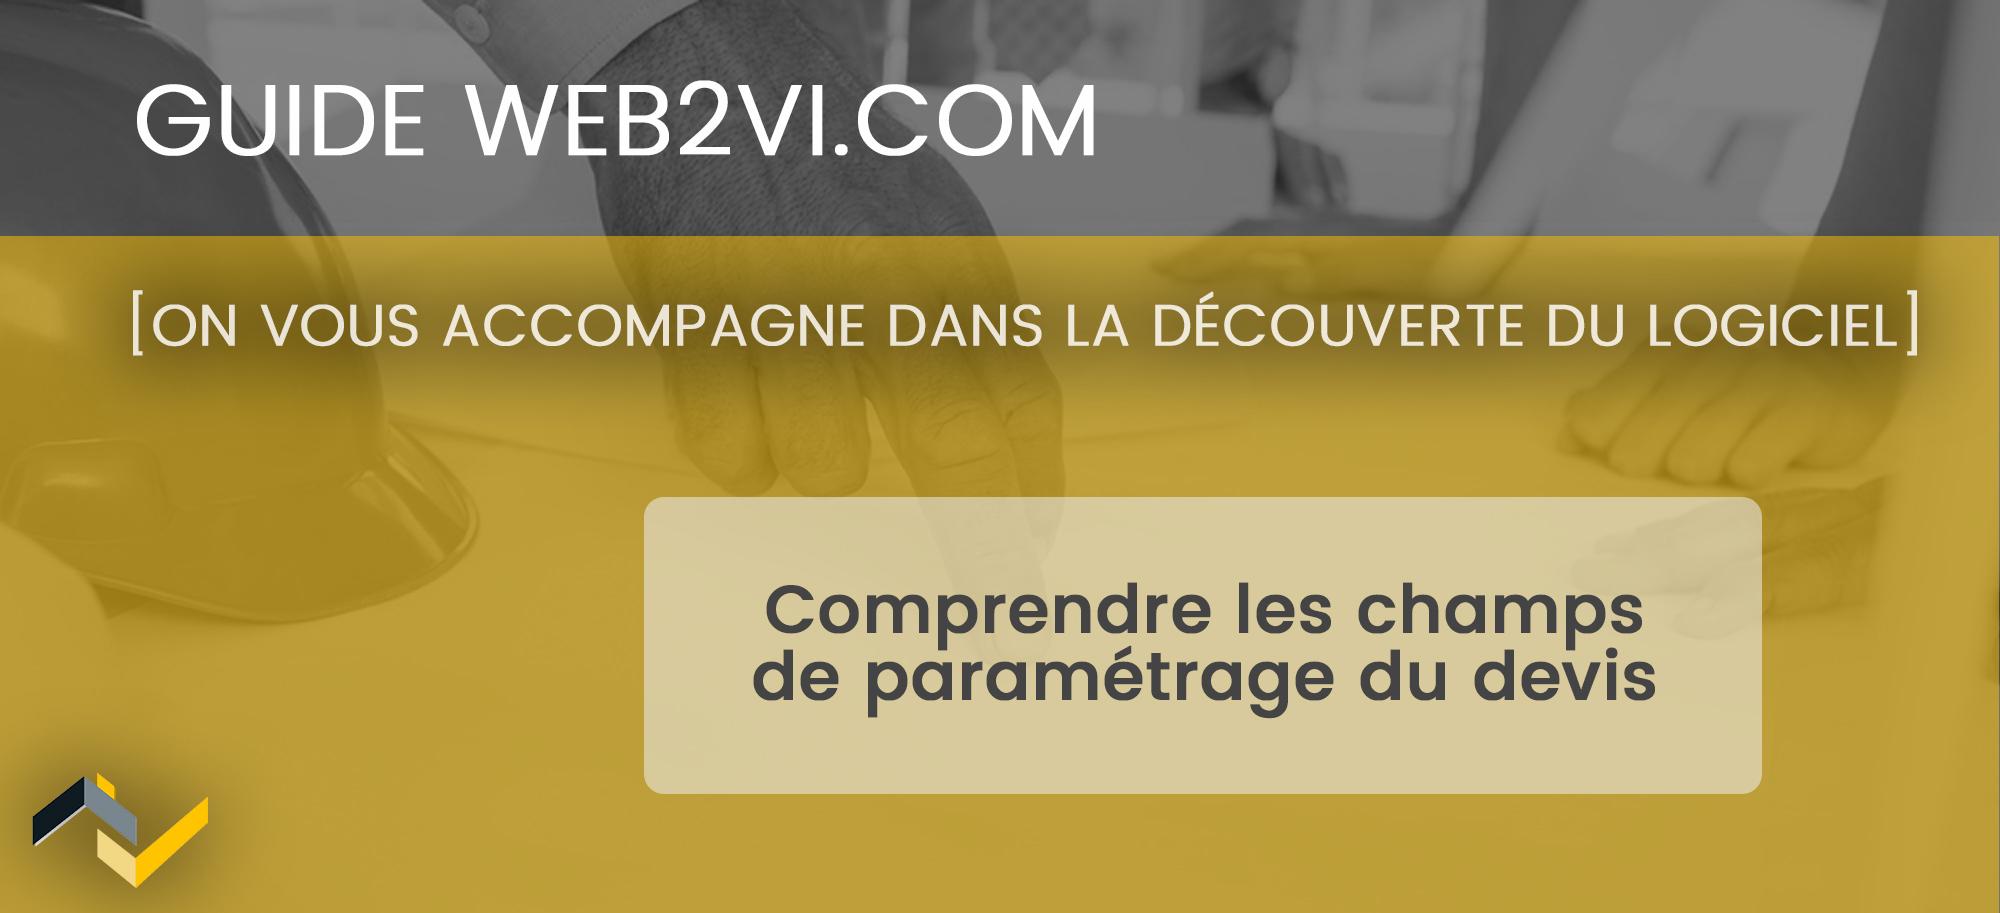 Le paramétrage et la page d'introduction du devis sur le logiciel Web2vi.com